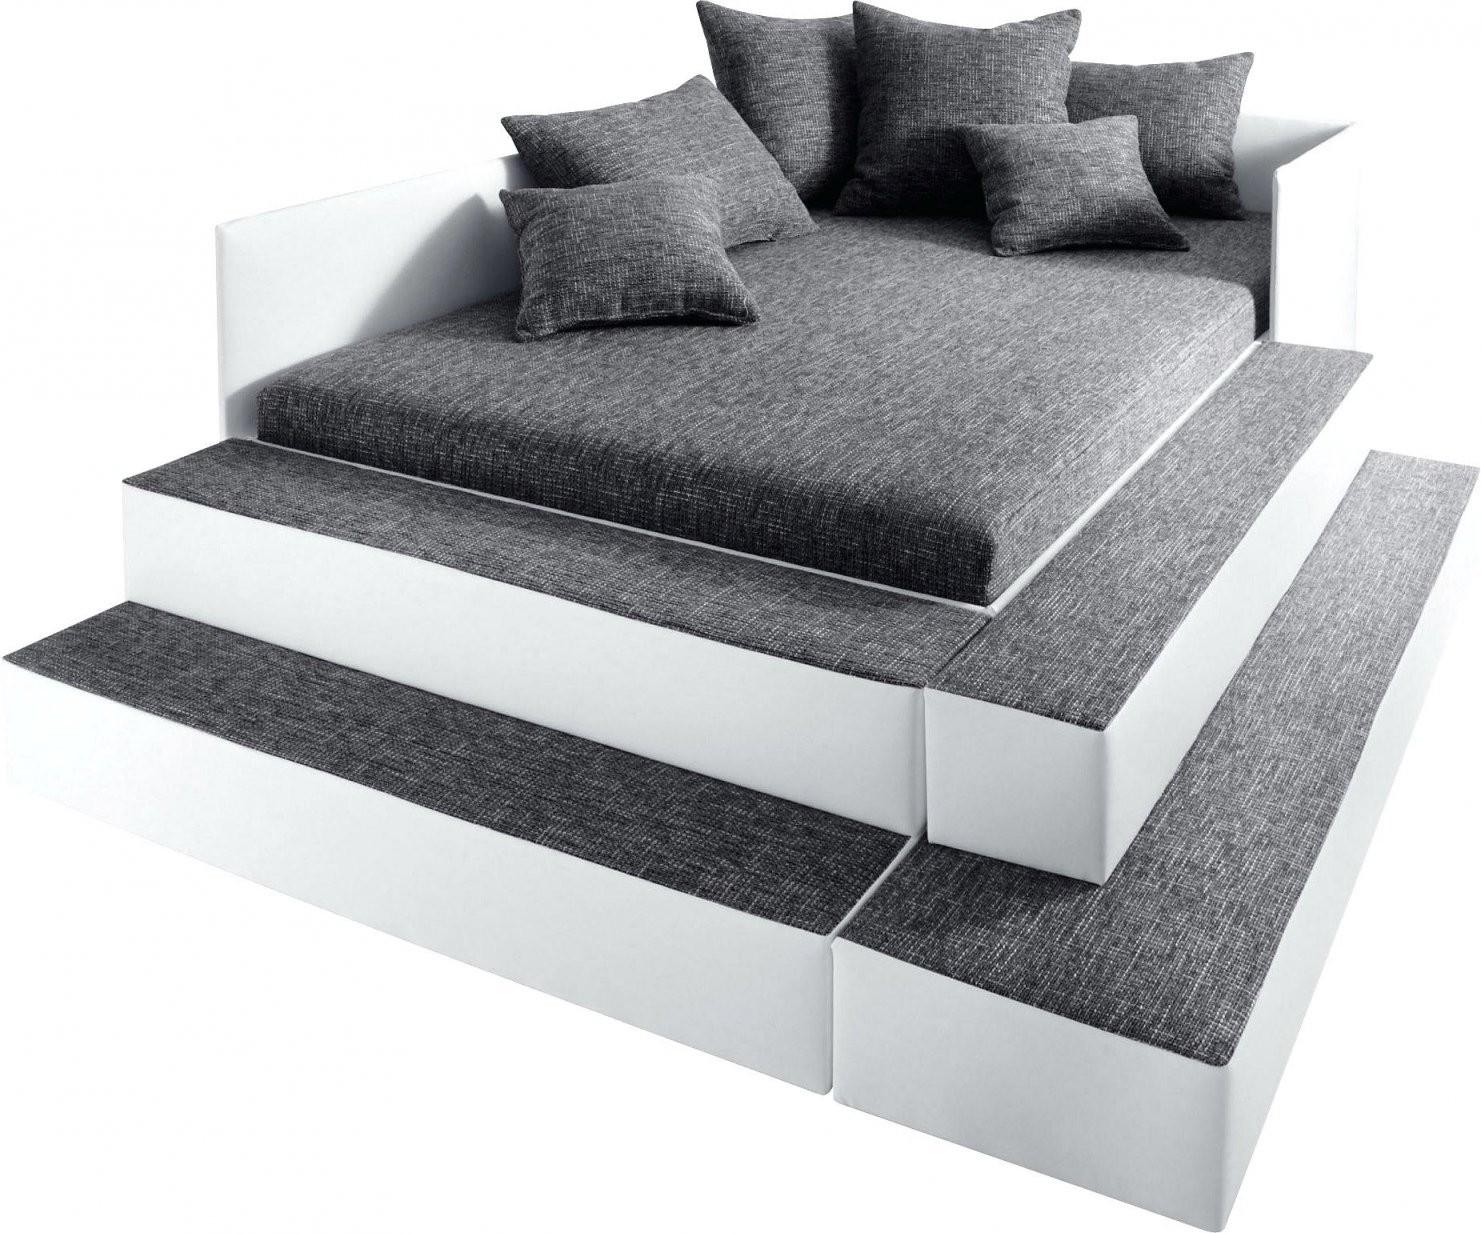 Bett Mit Stufen – Lyonsmeatsmn von Bett Mit Stufen Selber Bauen Photo